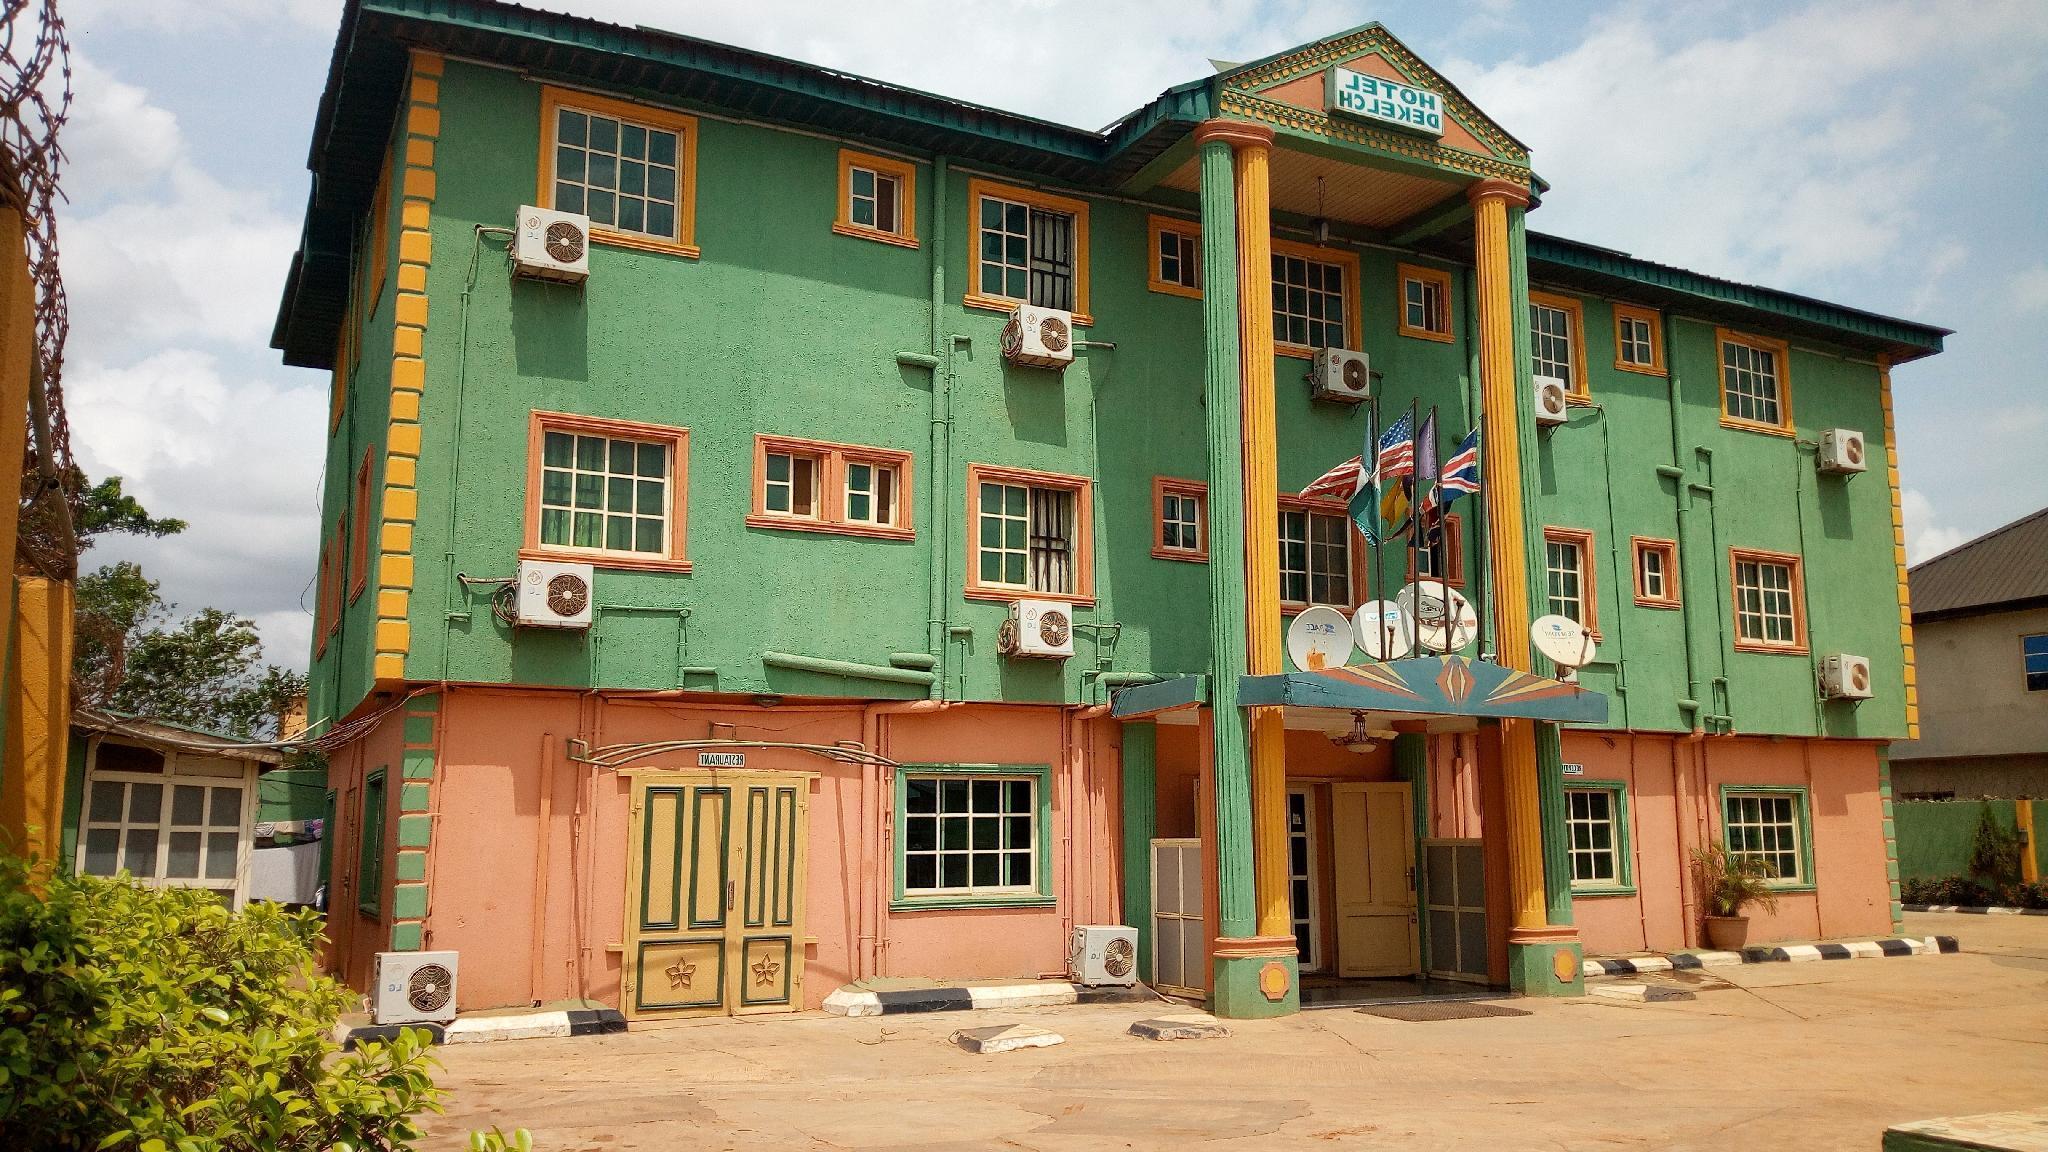 Hotel Dekelch Limited, AdoOdo/Ota